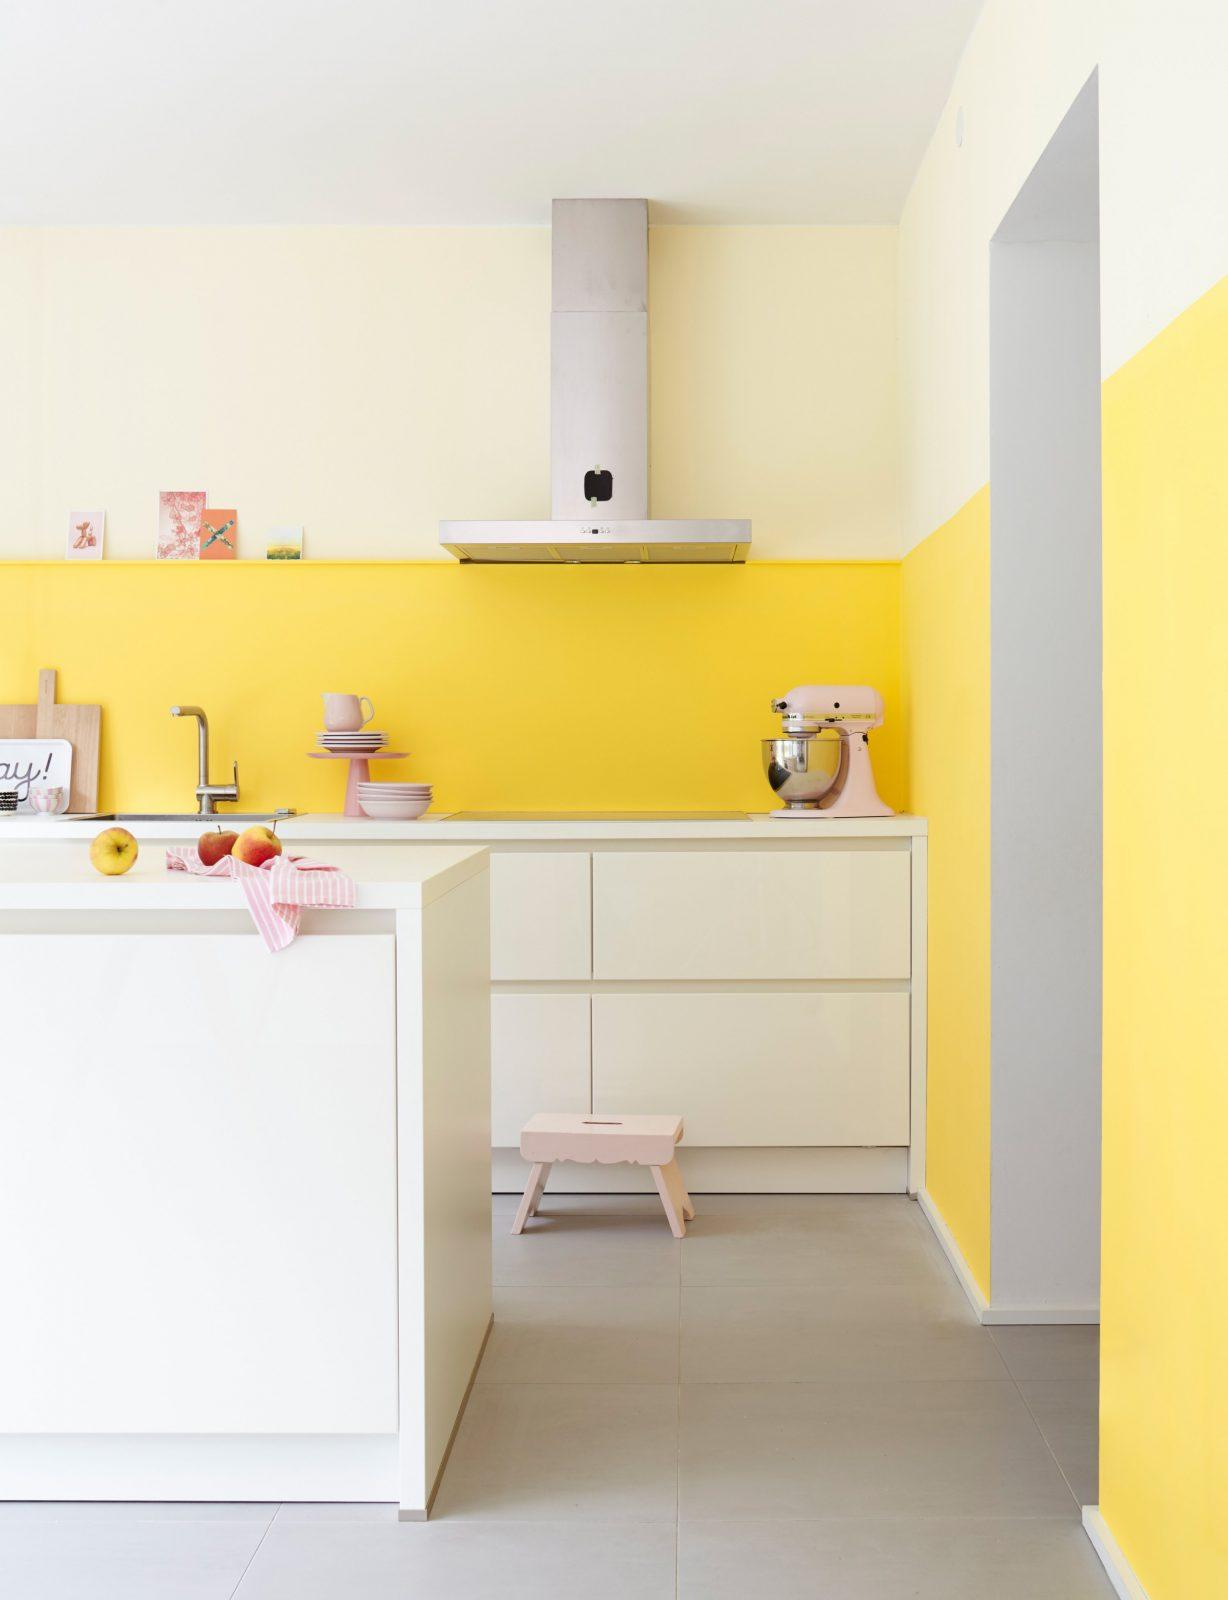 Ideen Fürs Küche Streichen Und Gestalten Alpina Farbe  Einrichten von Wände Streichen Ideen Küche Photo